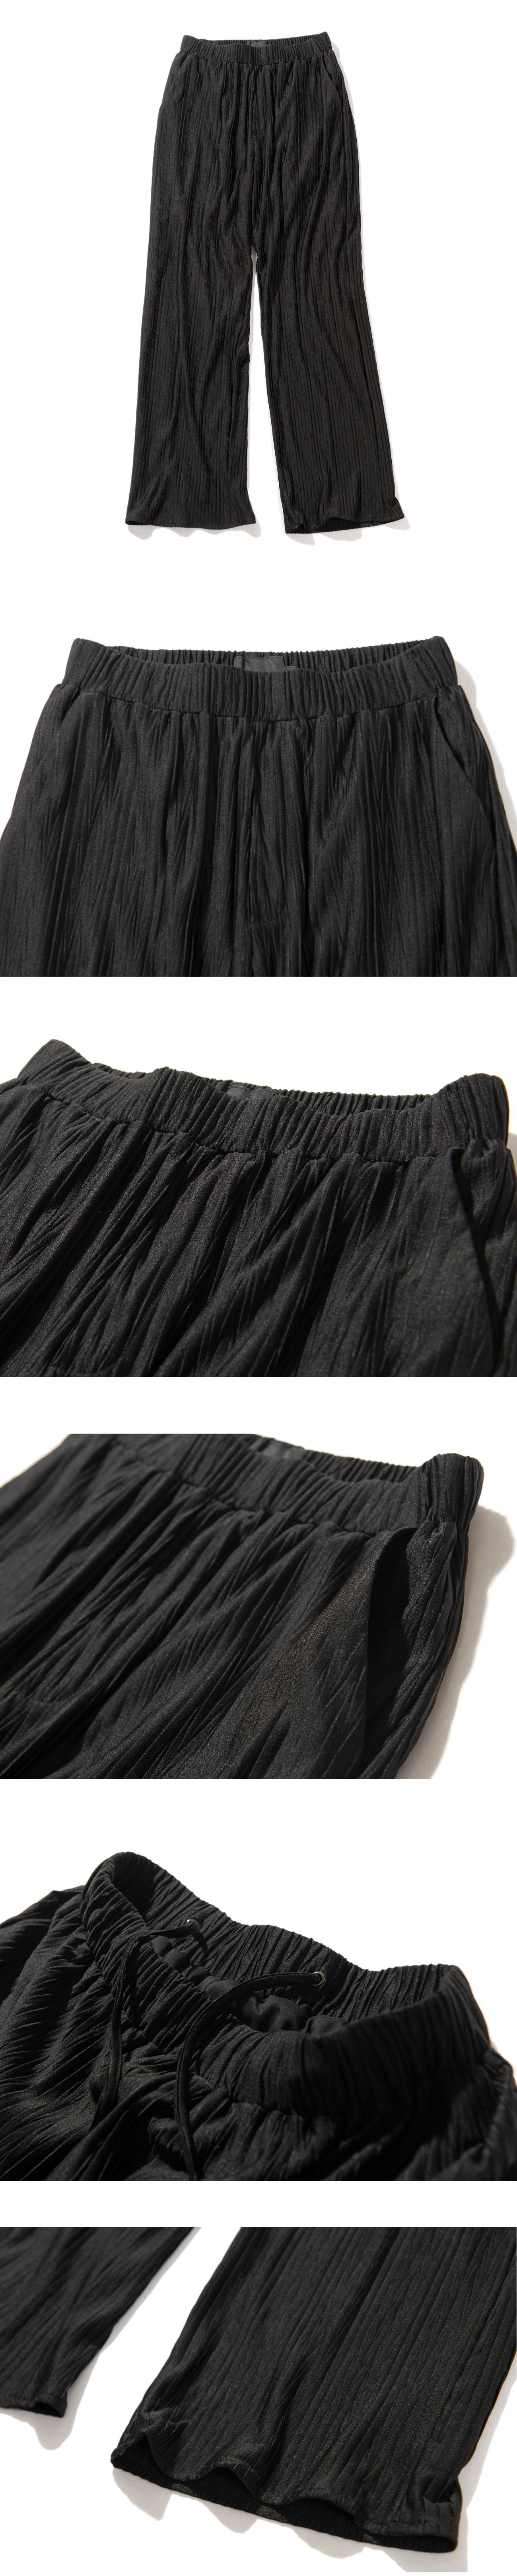 몽돌(MONGDOL) [셋업] 쿨 소프트 헤링본 오버핏 플리츠 셔츠 팬츠 셋업 블랙 MDSH001BLACKSET